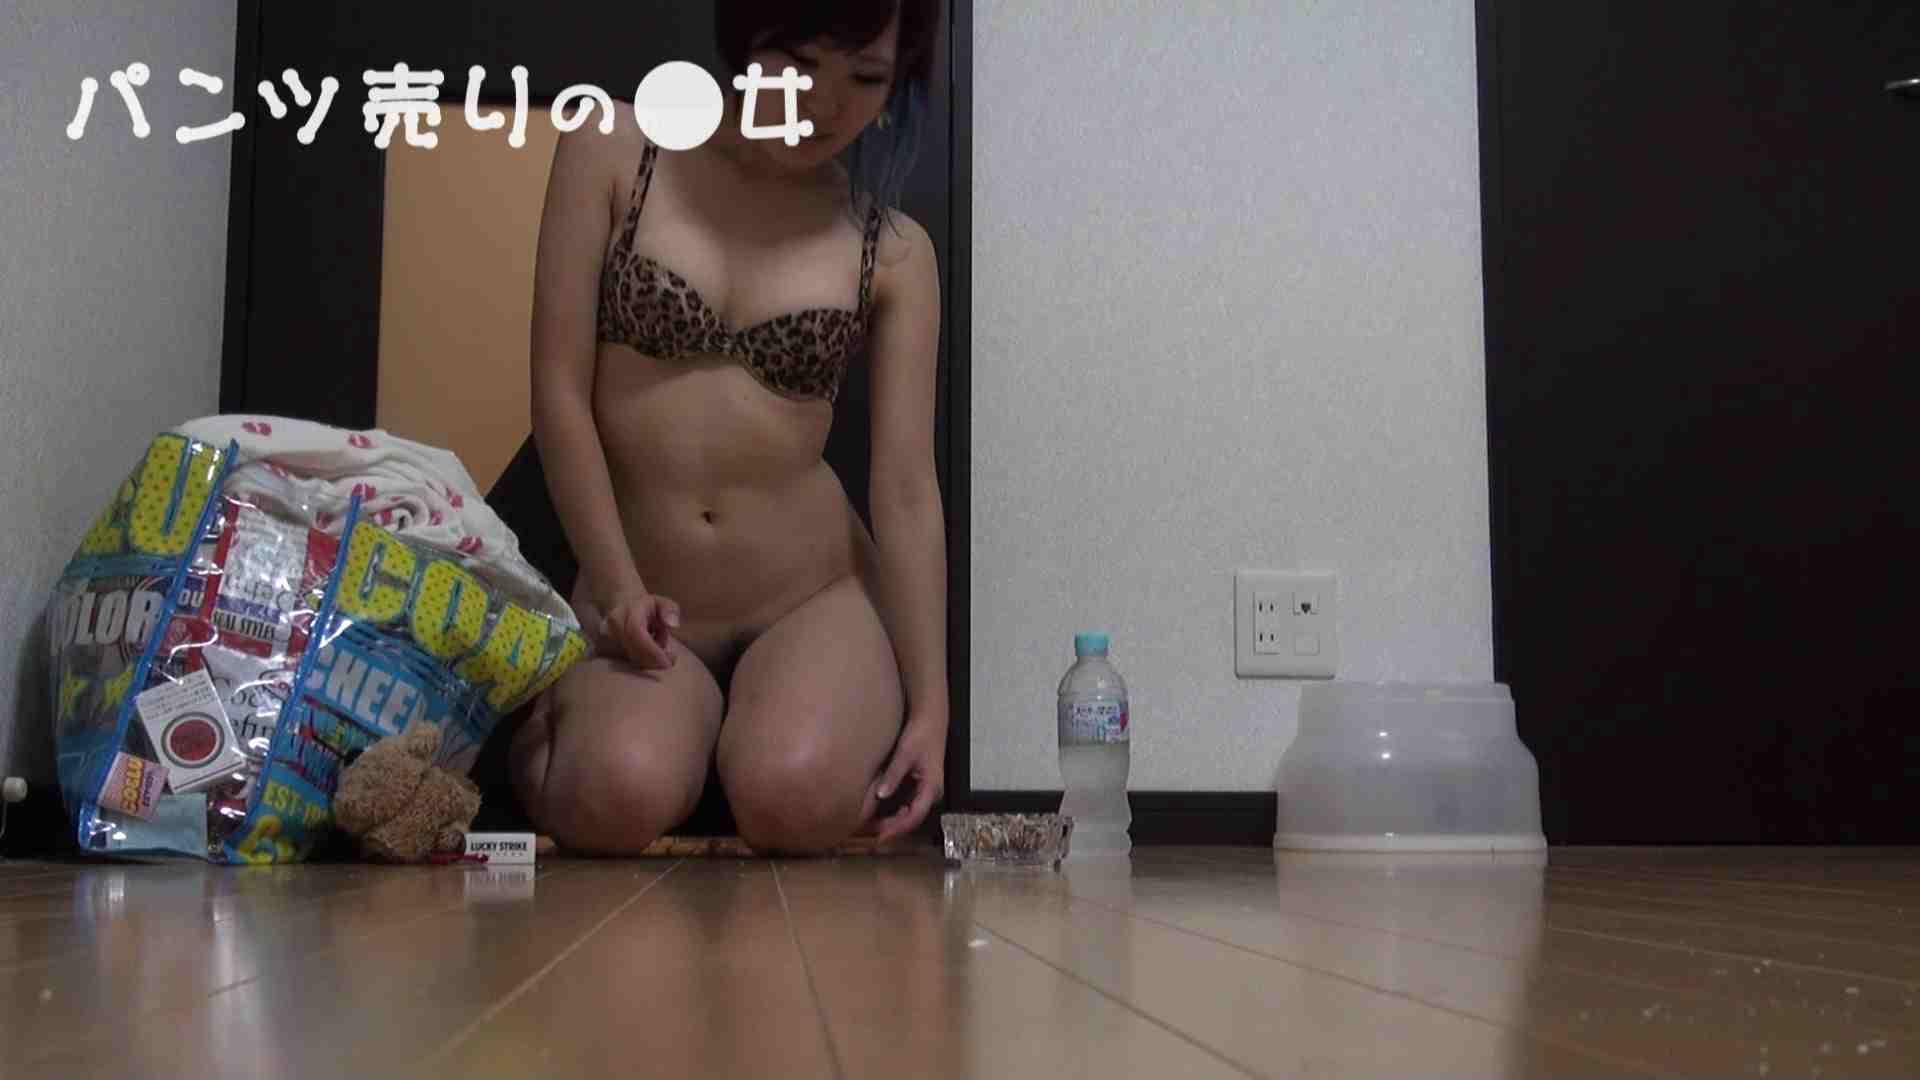 新説 パンツ売りの女の子nana02 特撮オマンコ ワレメ動画紹介 48連発 7